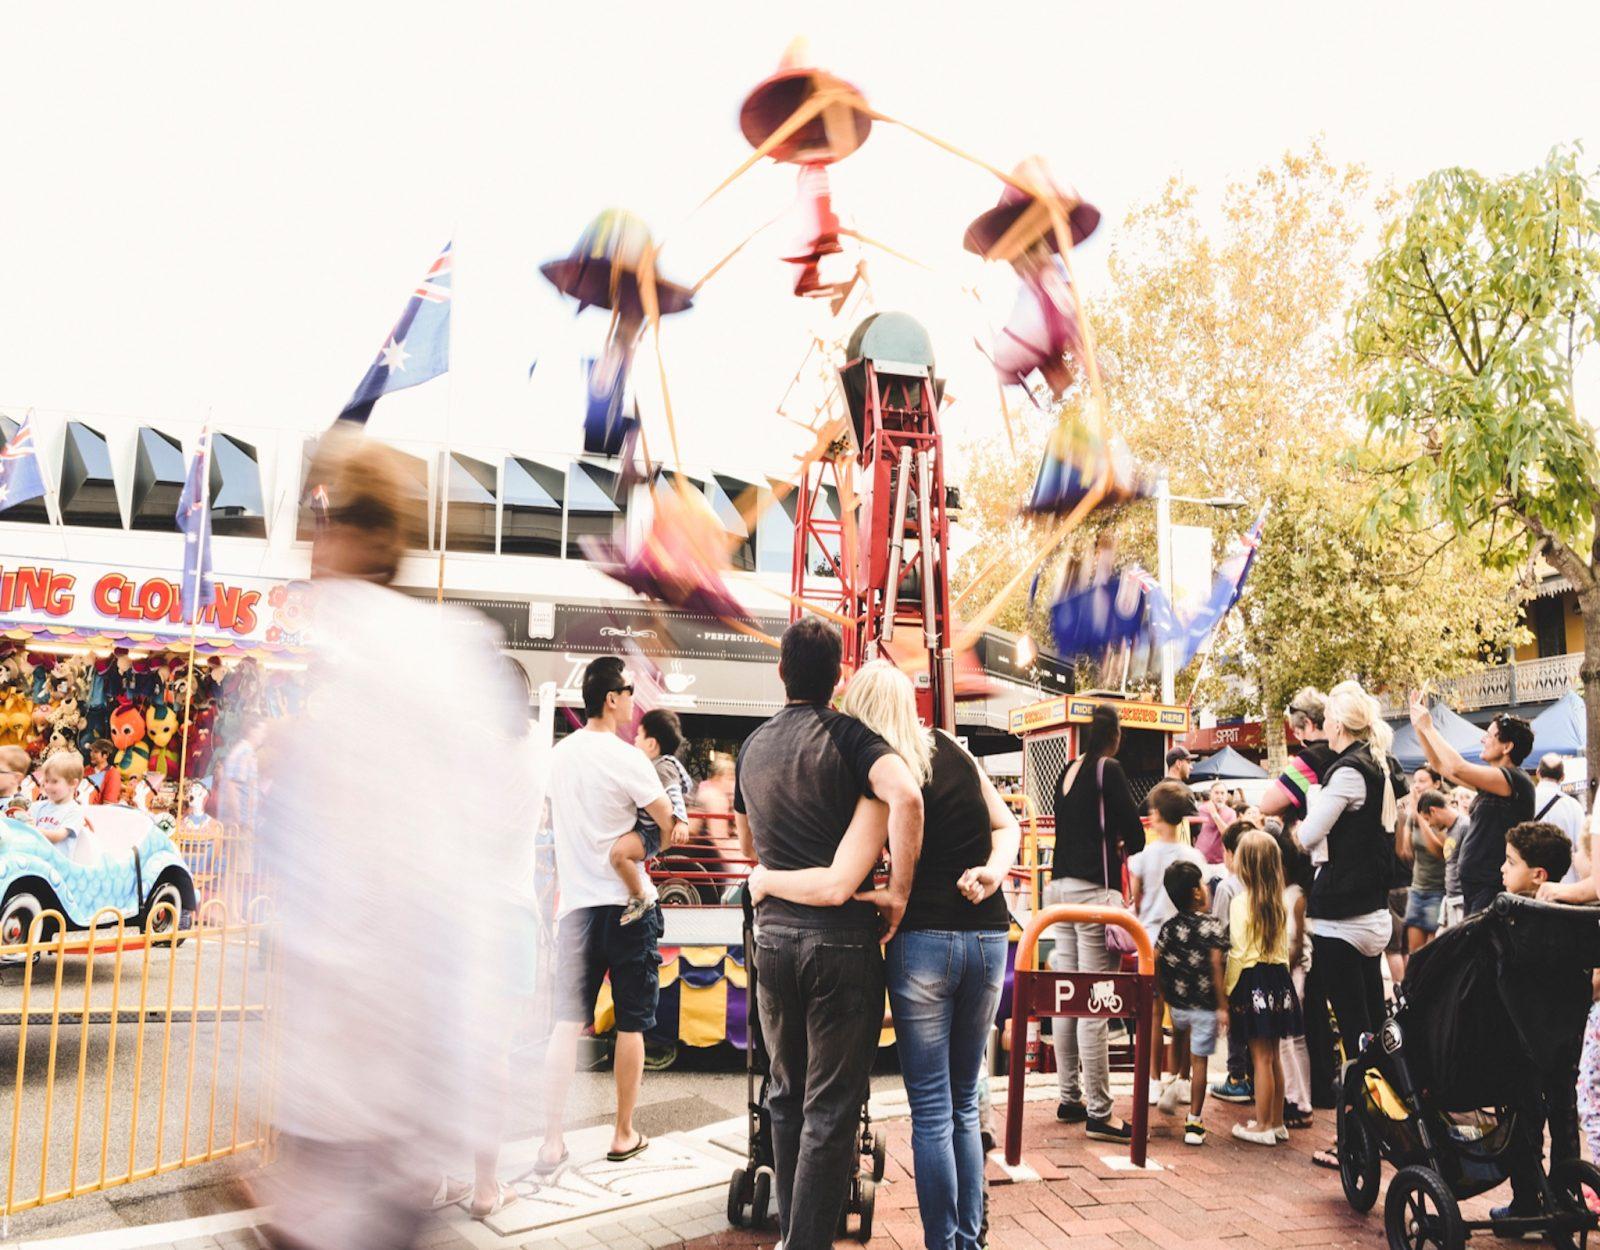 Subiaco Street Party, Subiaco, Western Australia